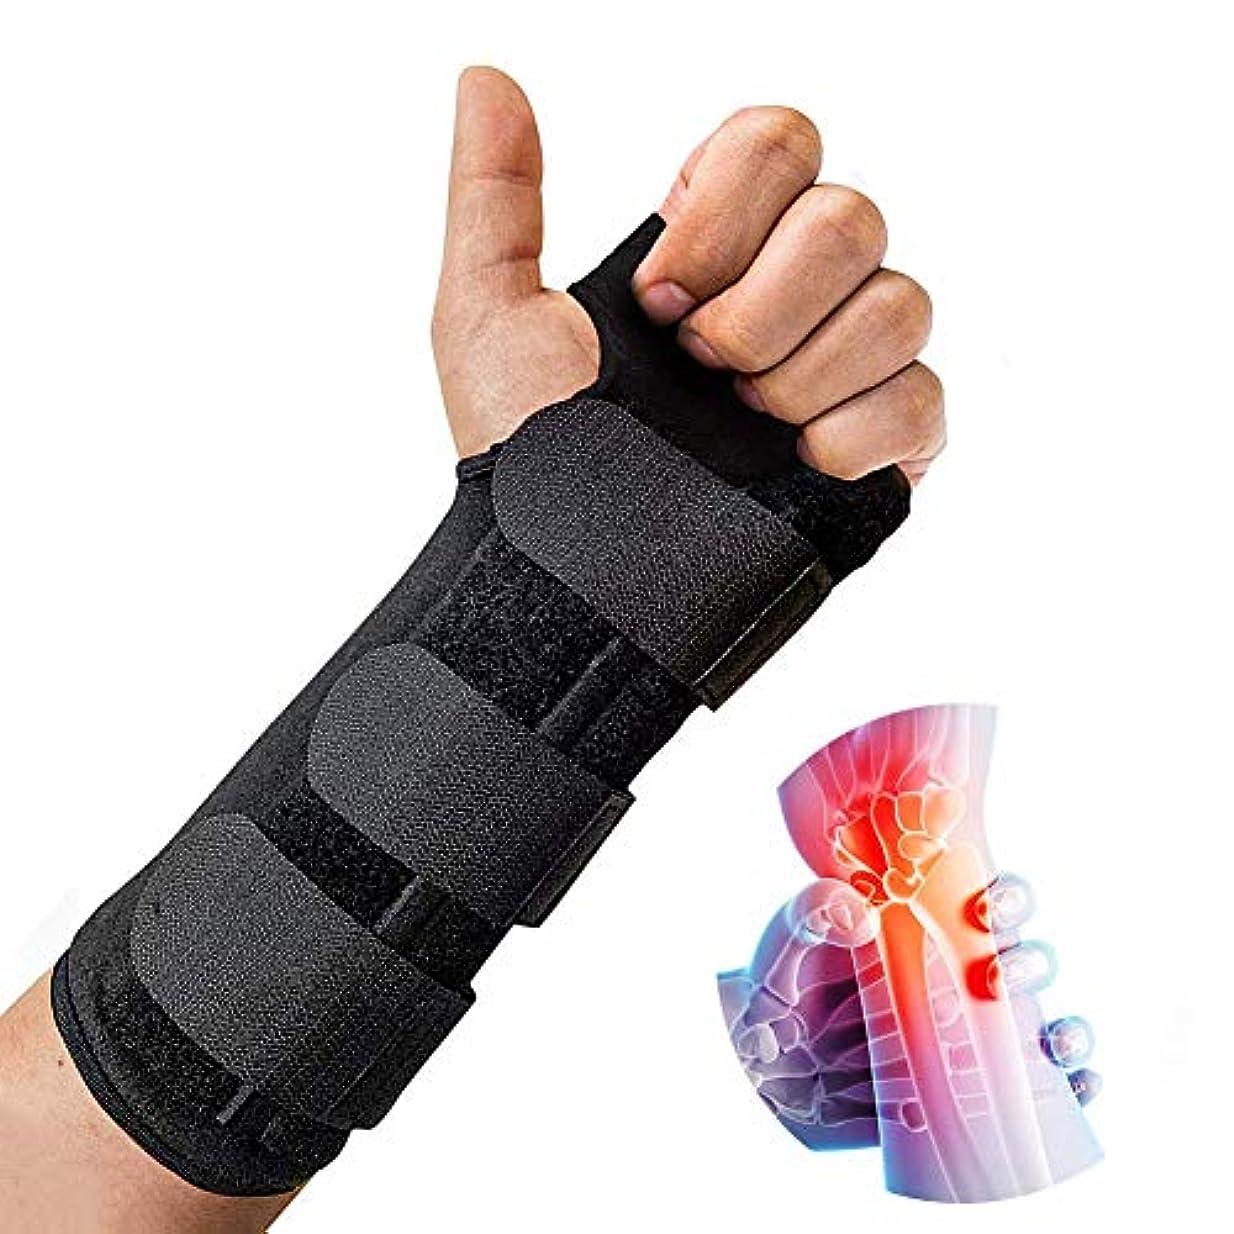 ハックあなたは鷹手首 固定 サポーター 、クッションパッド付きの調整可能な軽量スプリントは、手根管関節炎、腱炎、骨折捻Spに最適な快適さを提供します。,Left,M